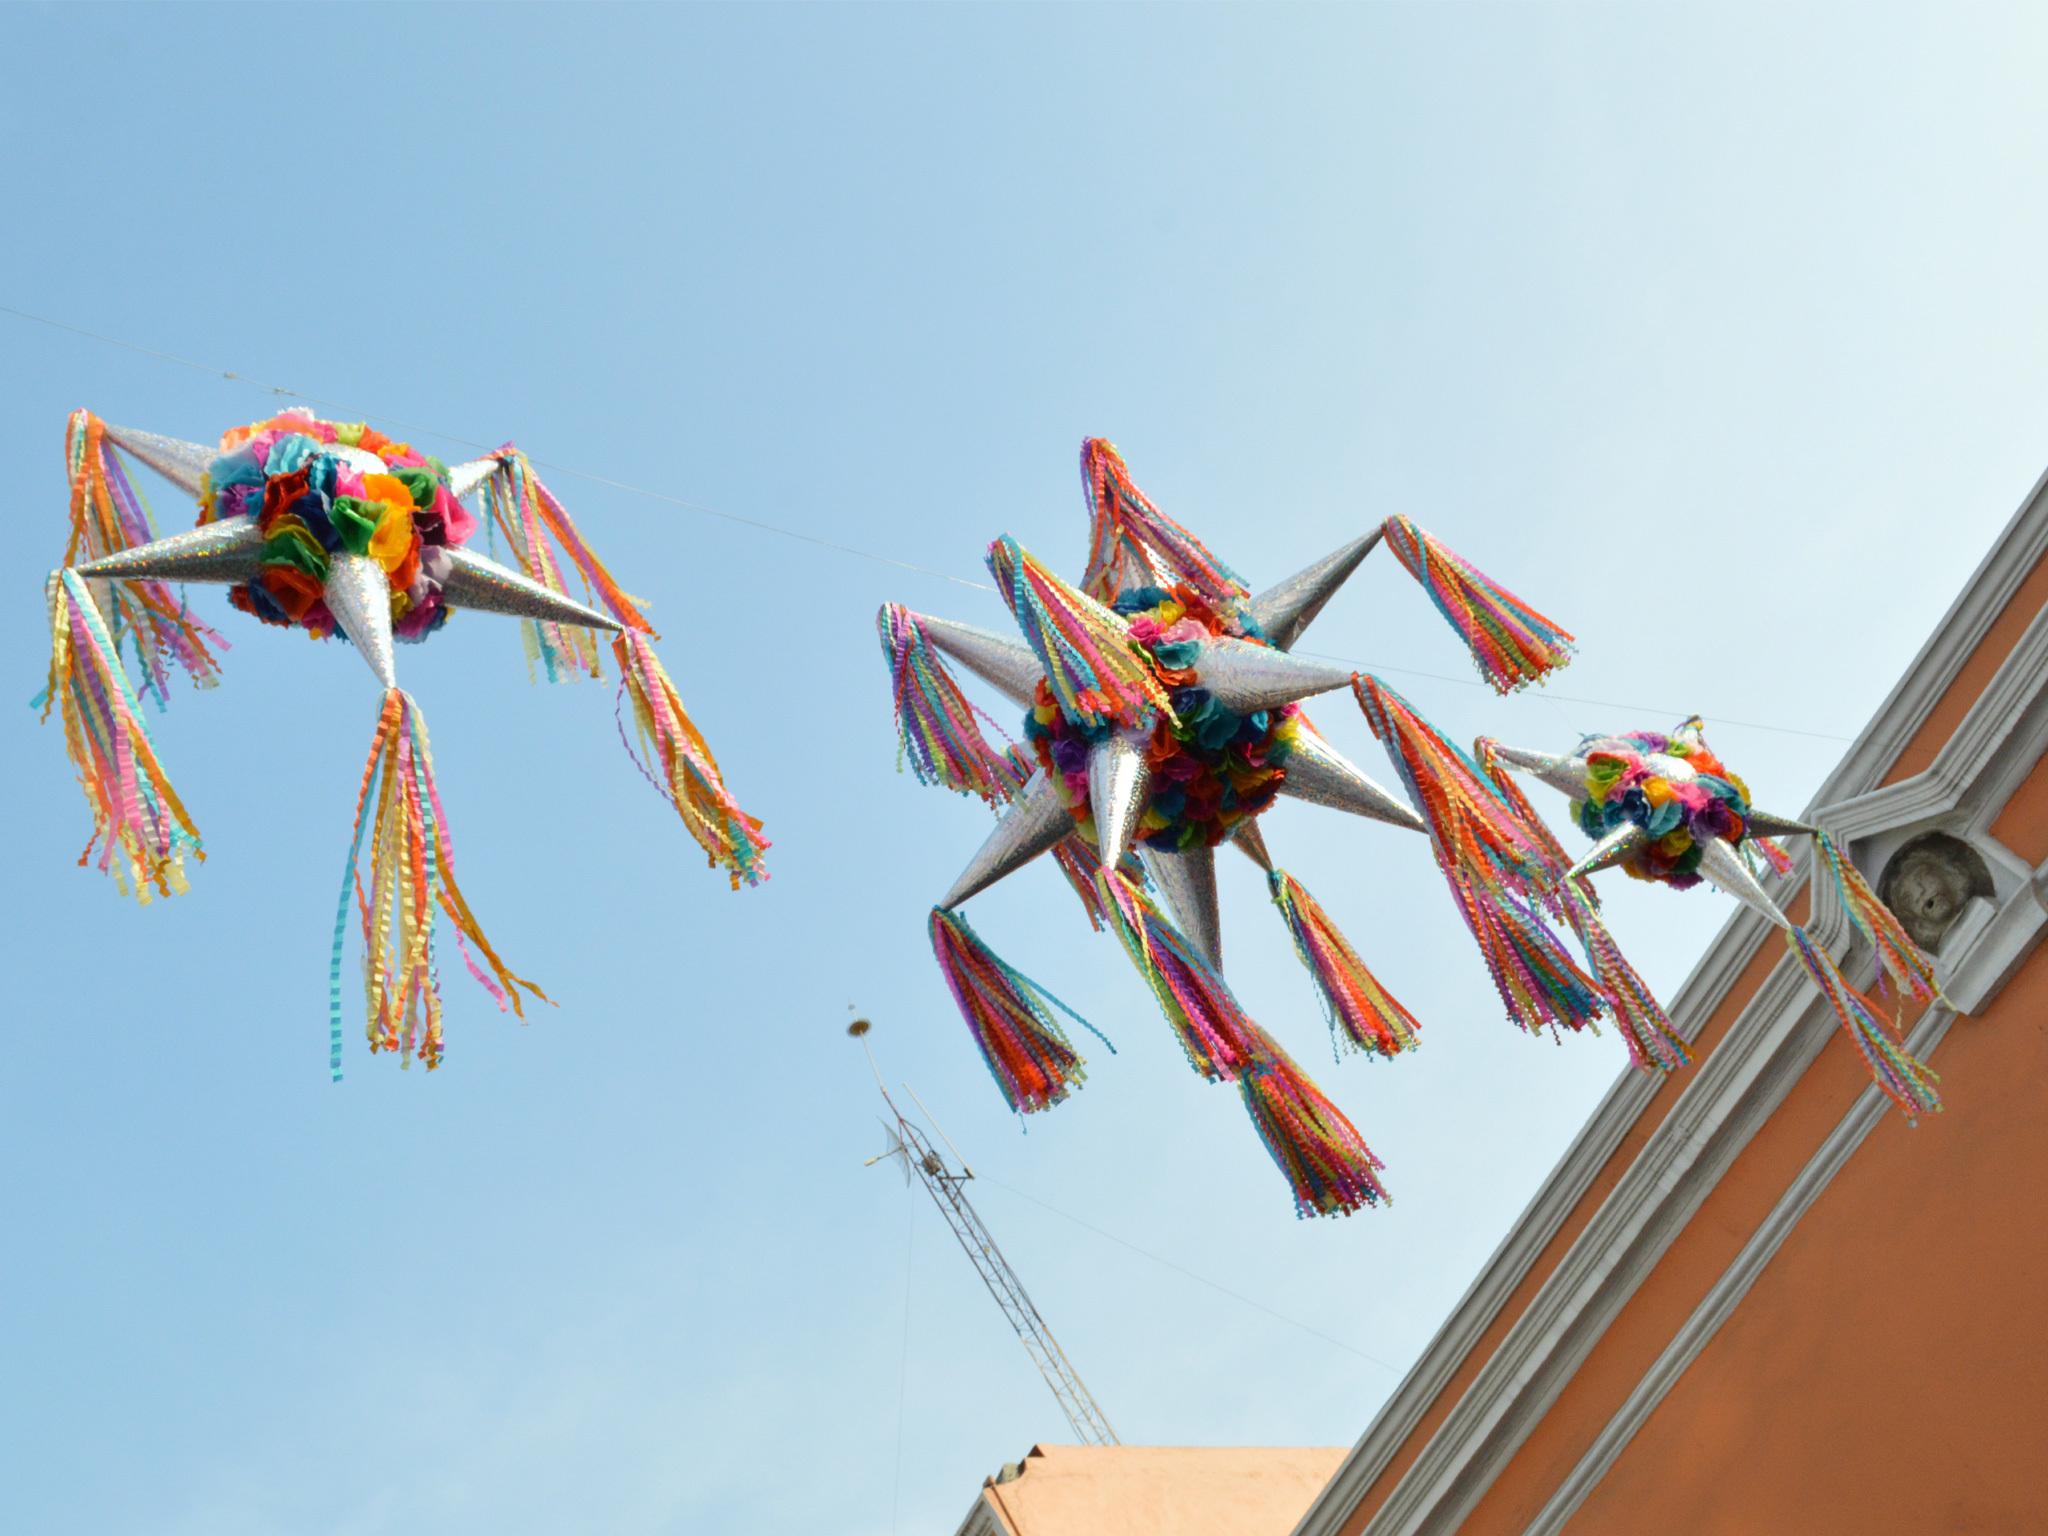 Taller de piñatas artesanales